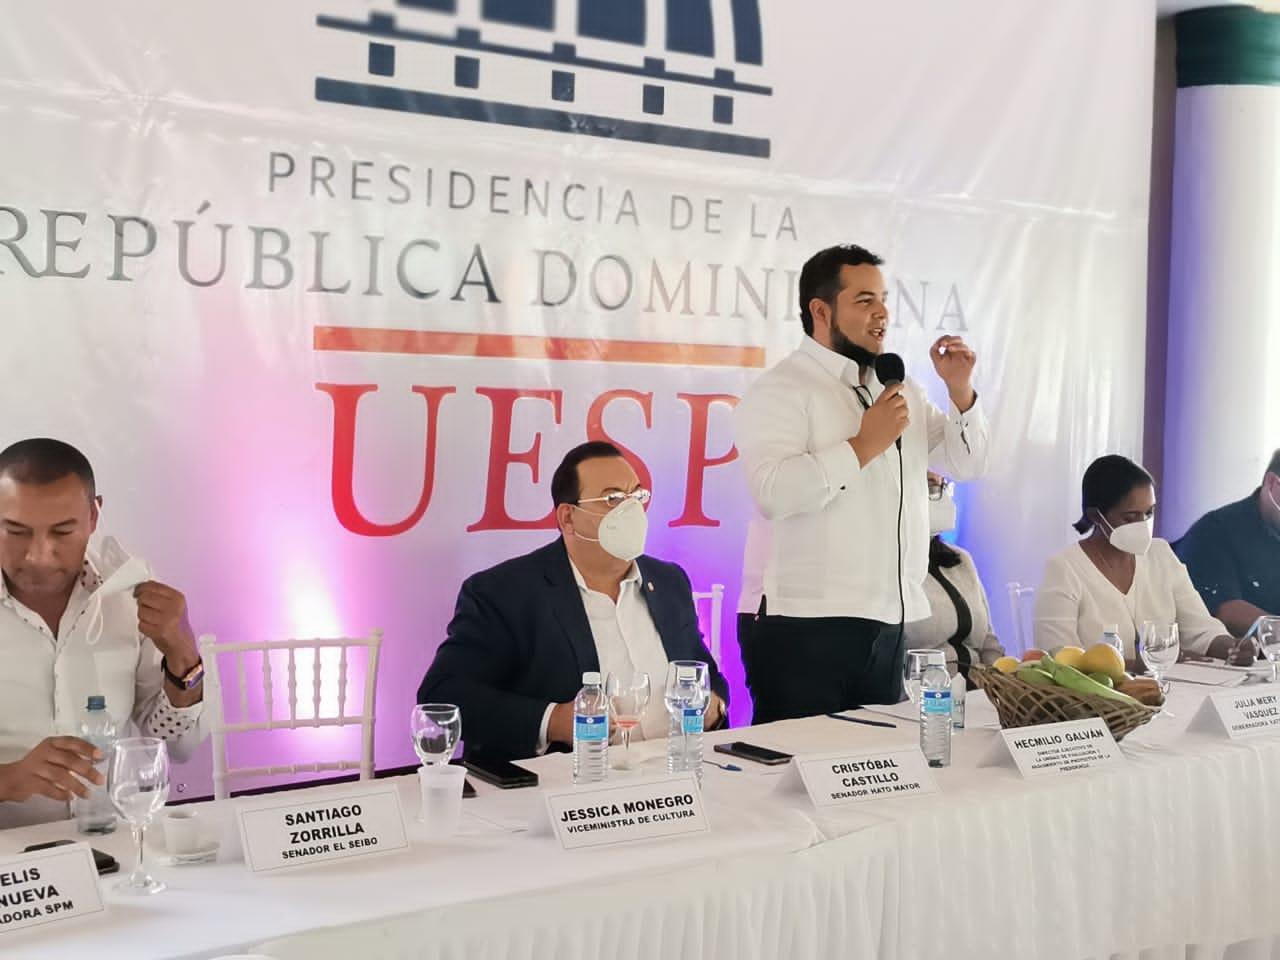 Impulsarán fuerzas productivas con proyectos Presidencia región Este